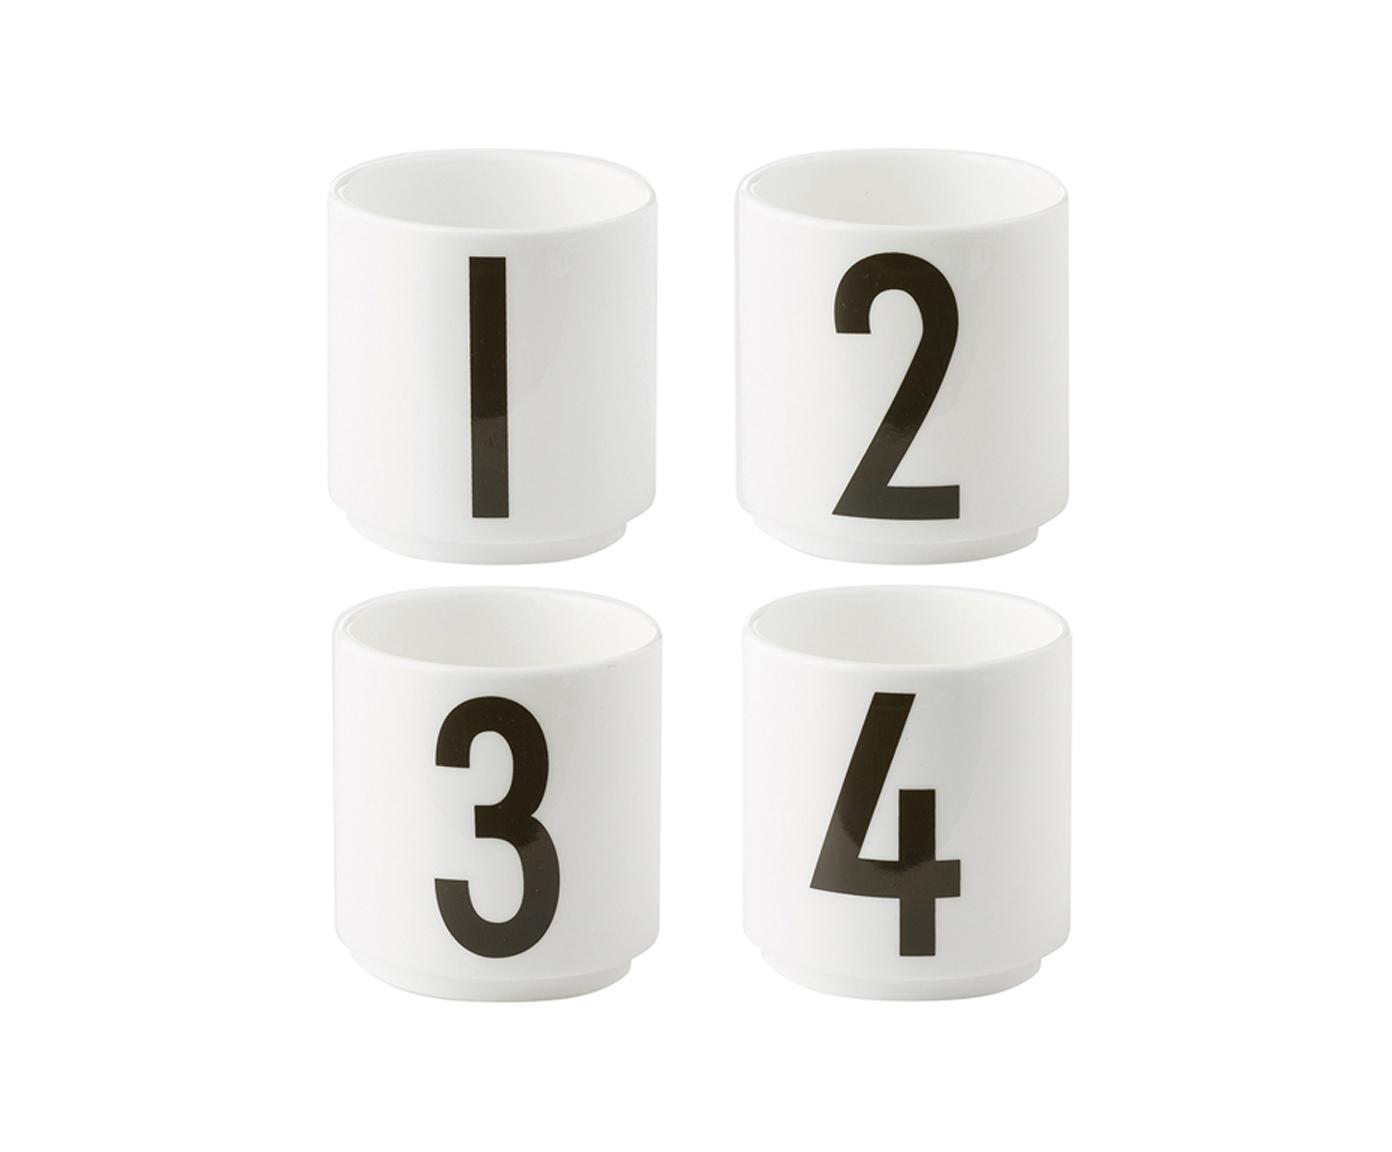 Design Espressobecher 1234 mit Zahlen, 4er-Set, Fine Bone China, Weiß, Schwarz, Ø 5 x H 6 cm